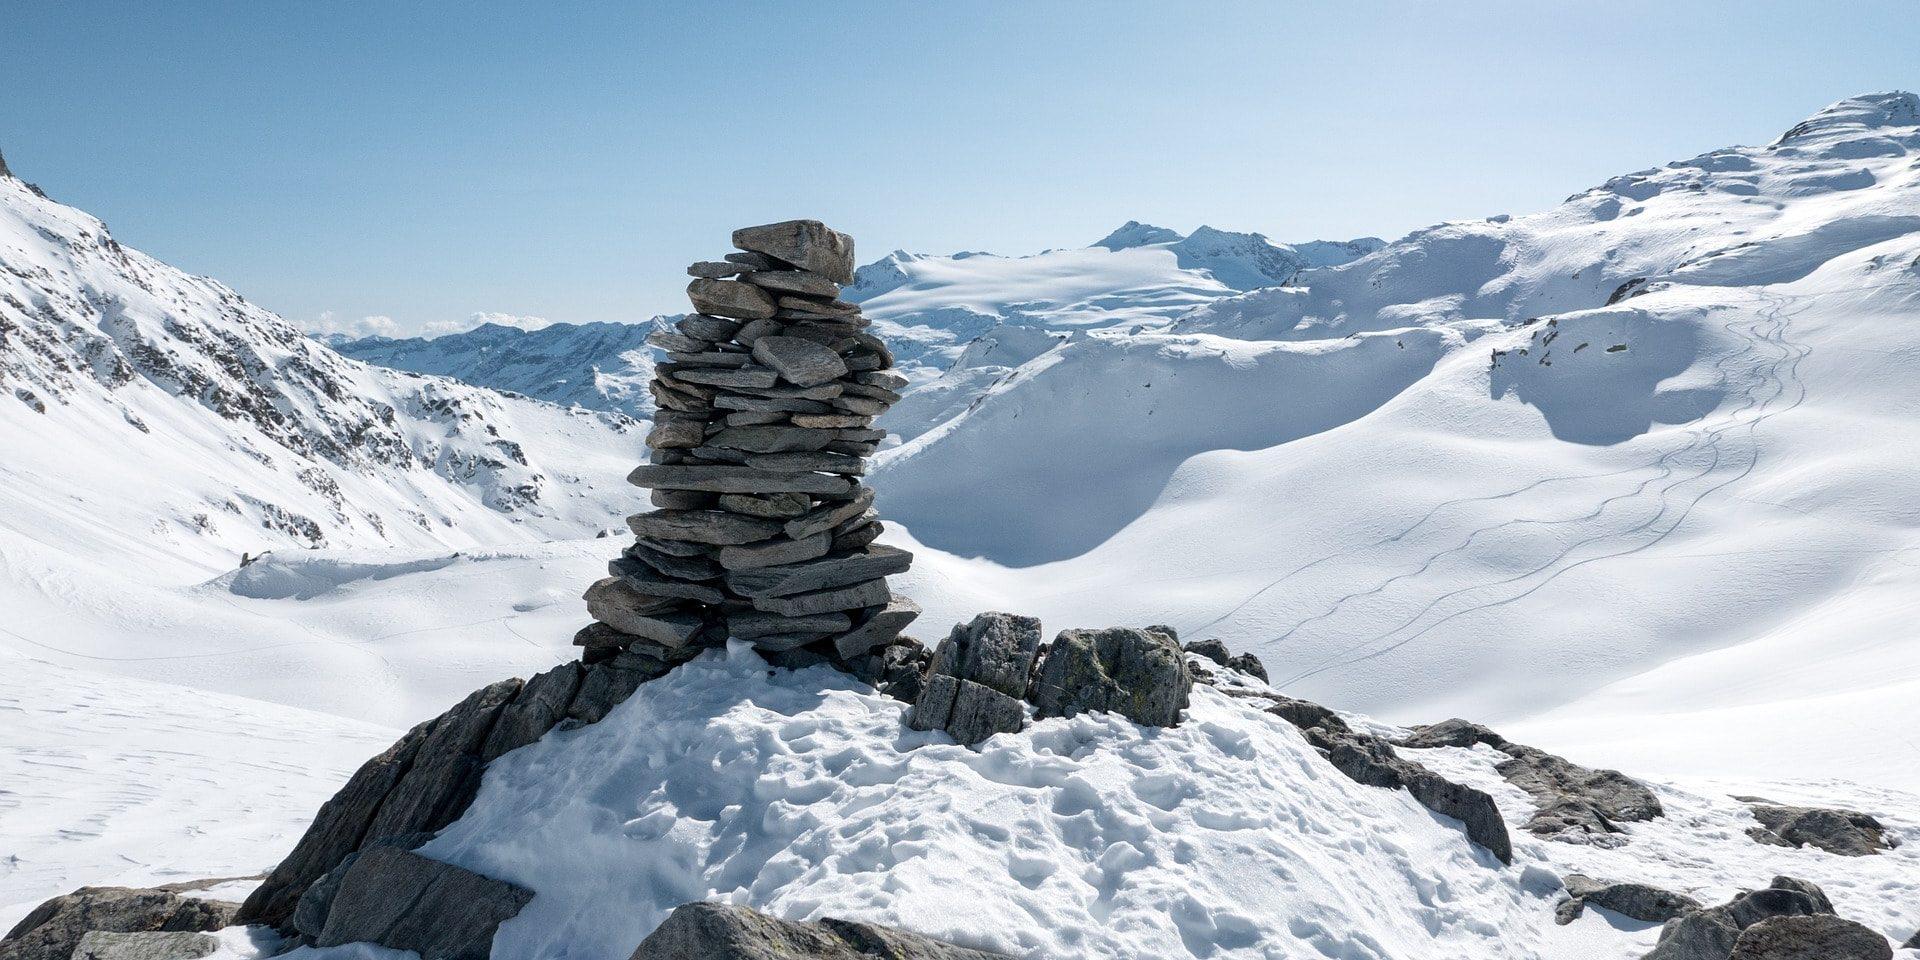 Landschap Zwitserland wintersport skivakantie luxe gestapelde stenen bergen sneeuw